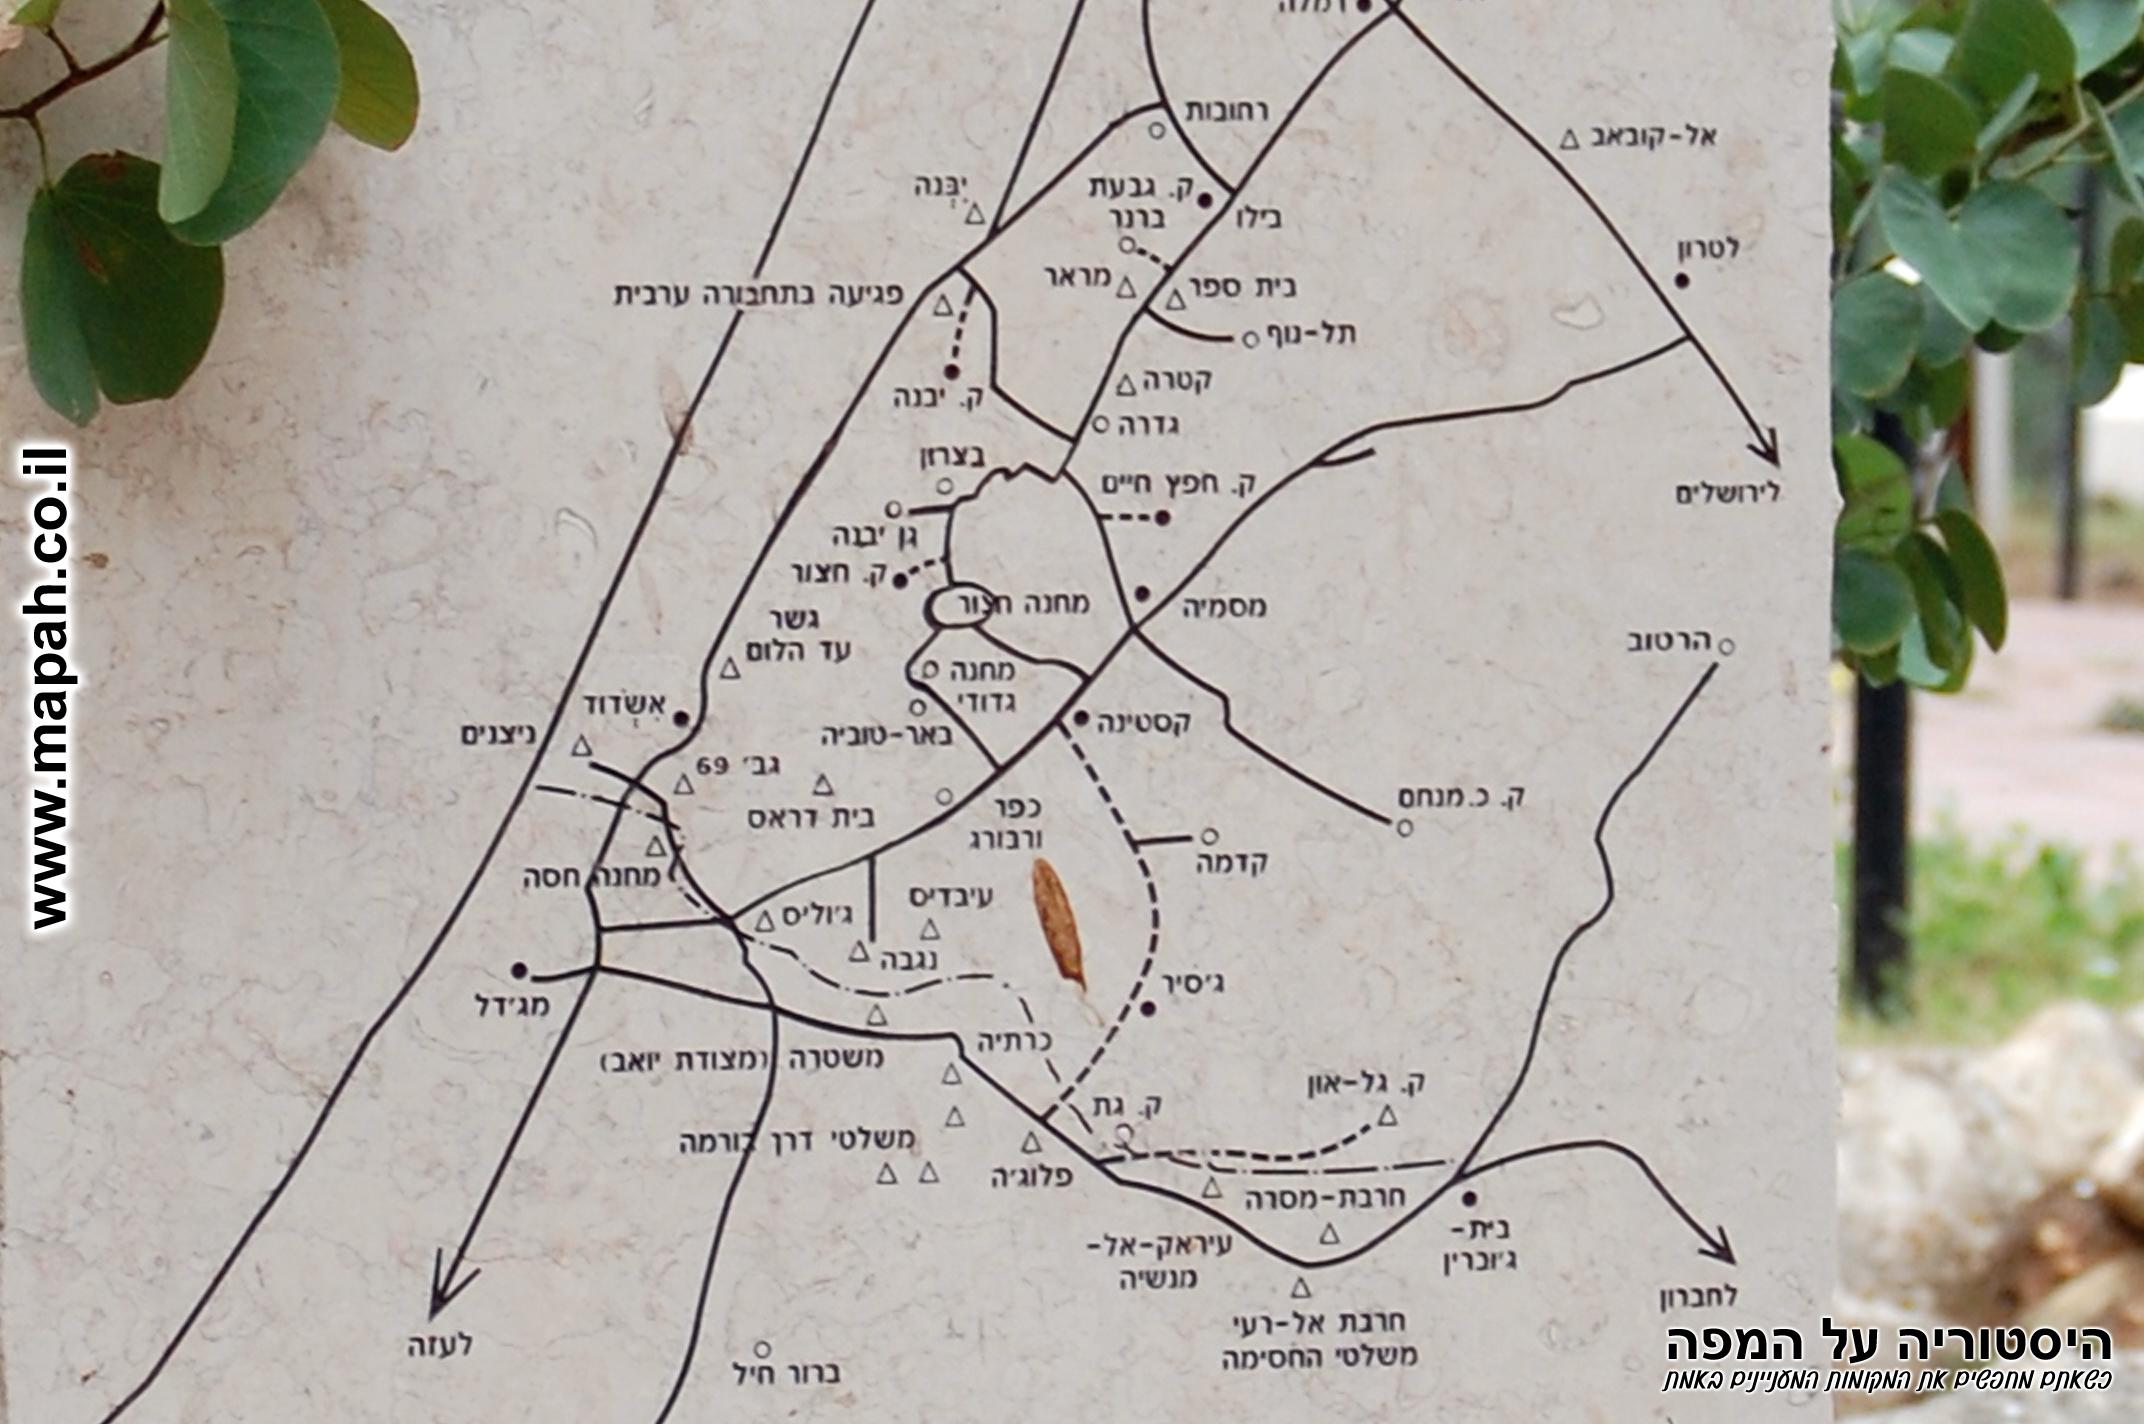 מפת התמצאות ביישובים לשנת 1948 - גבעה 53 - צילום אפי אליאן